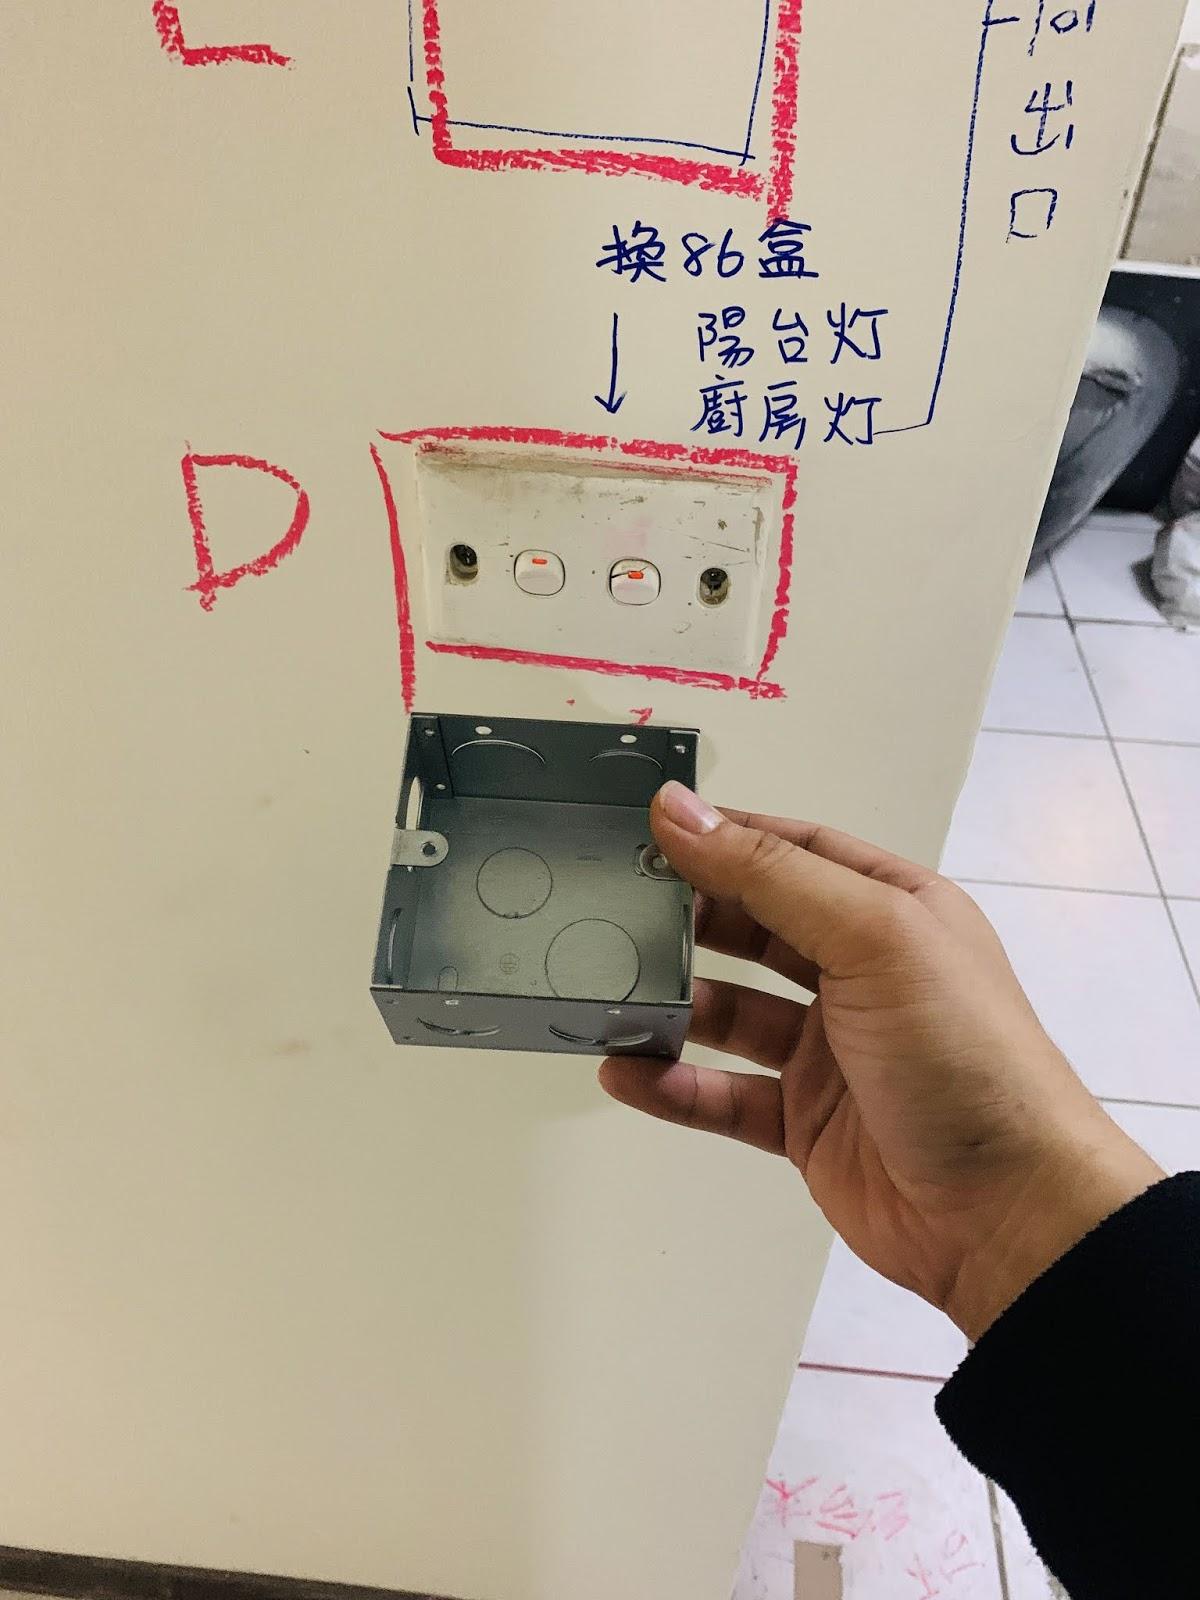 中國規格86暗盒